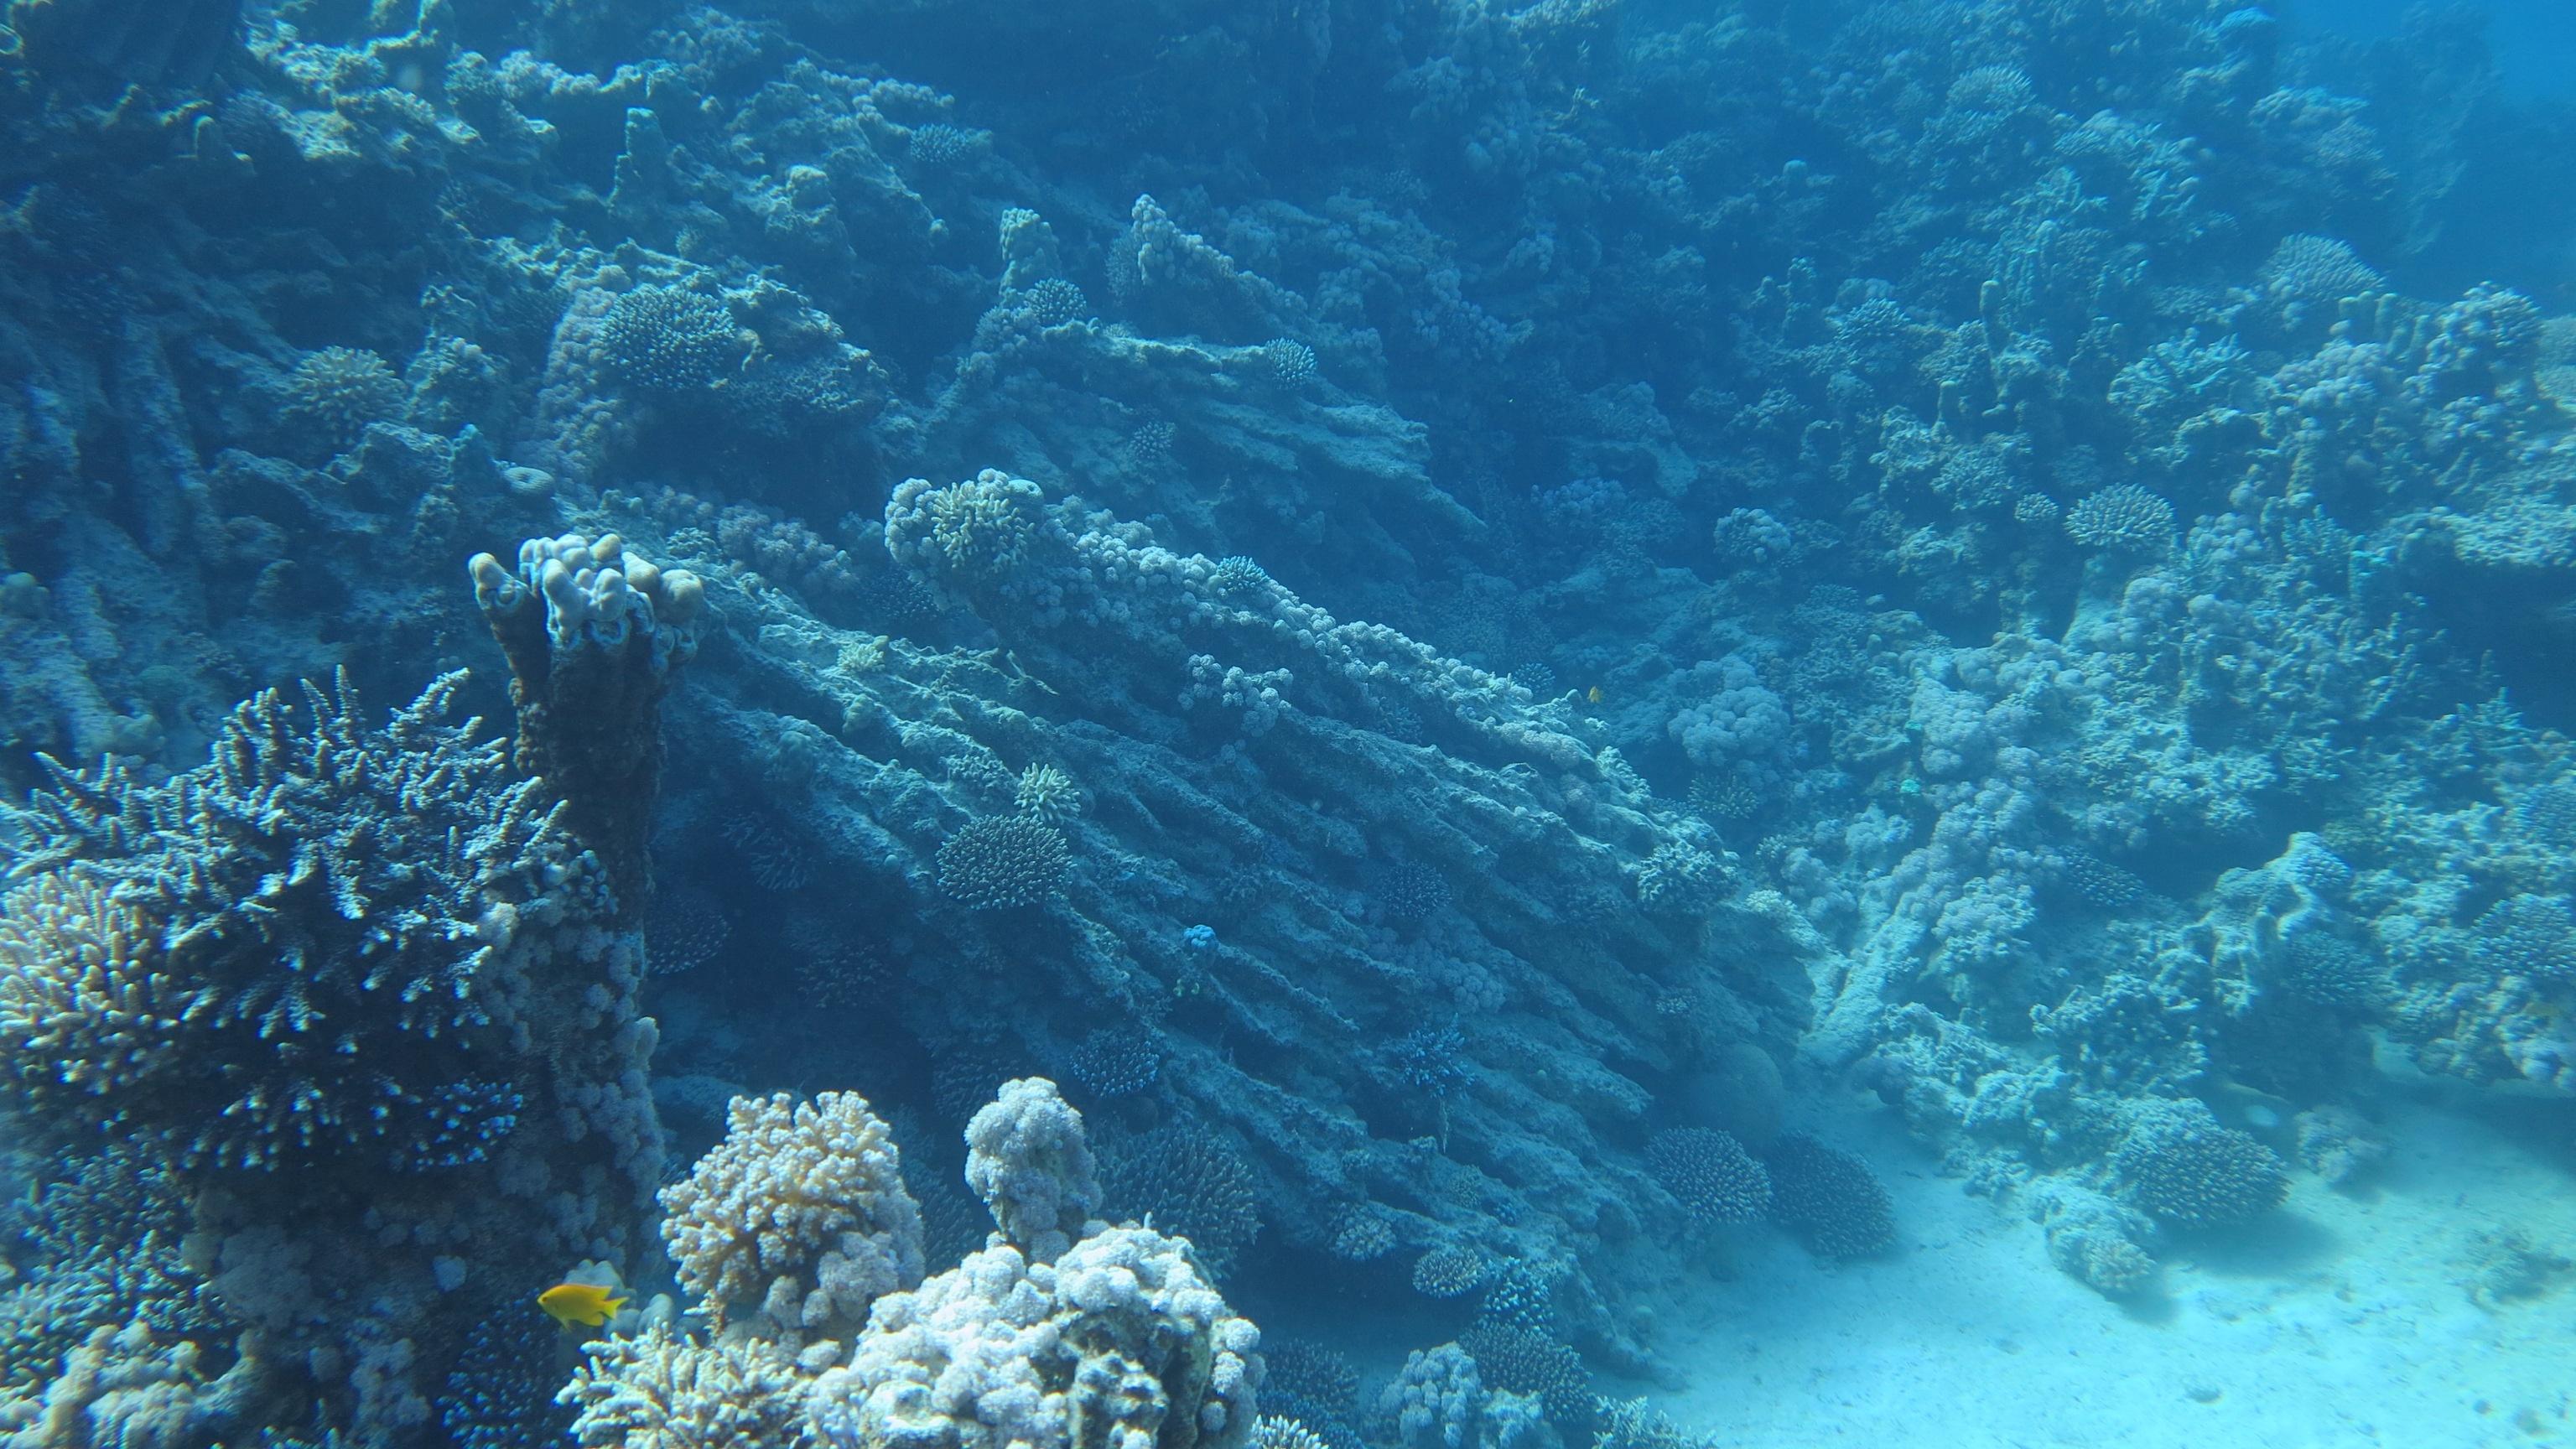 Aquarium Wallpaper and Background